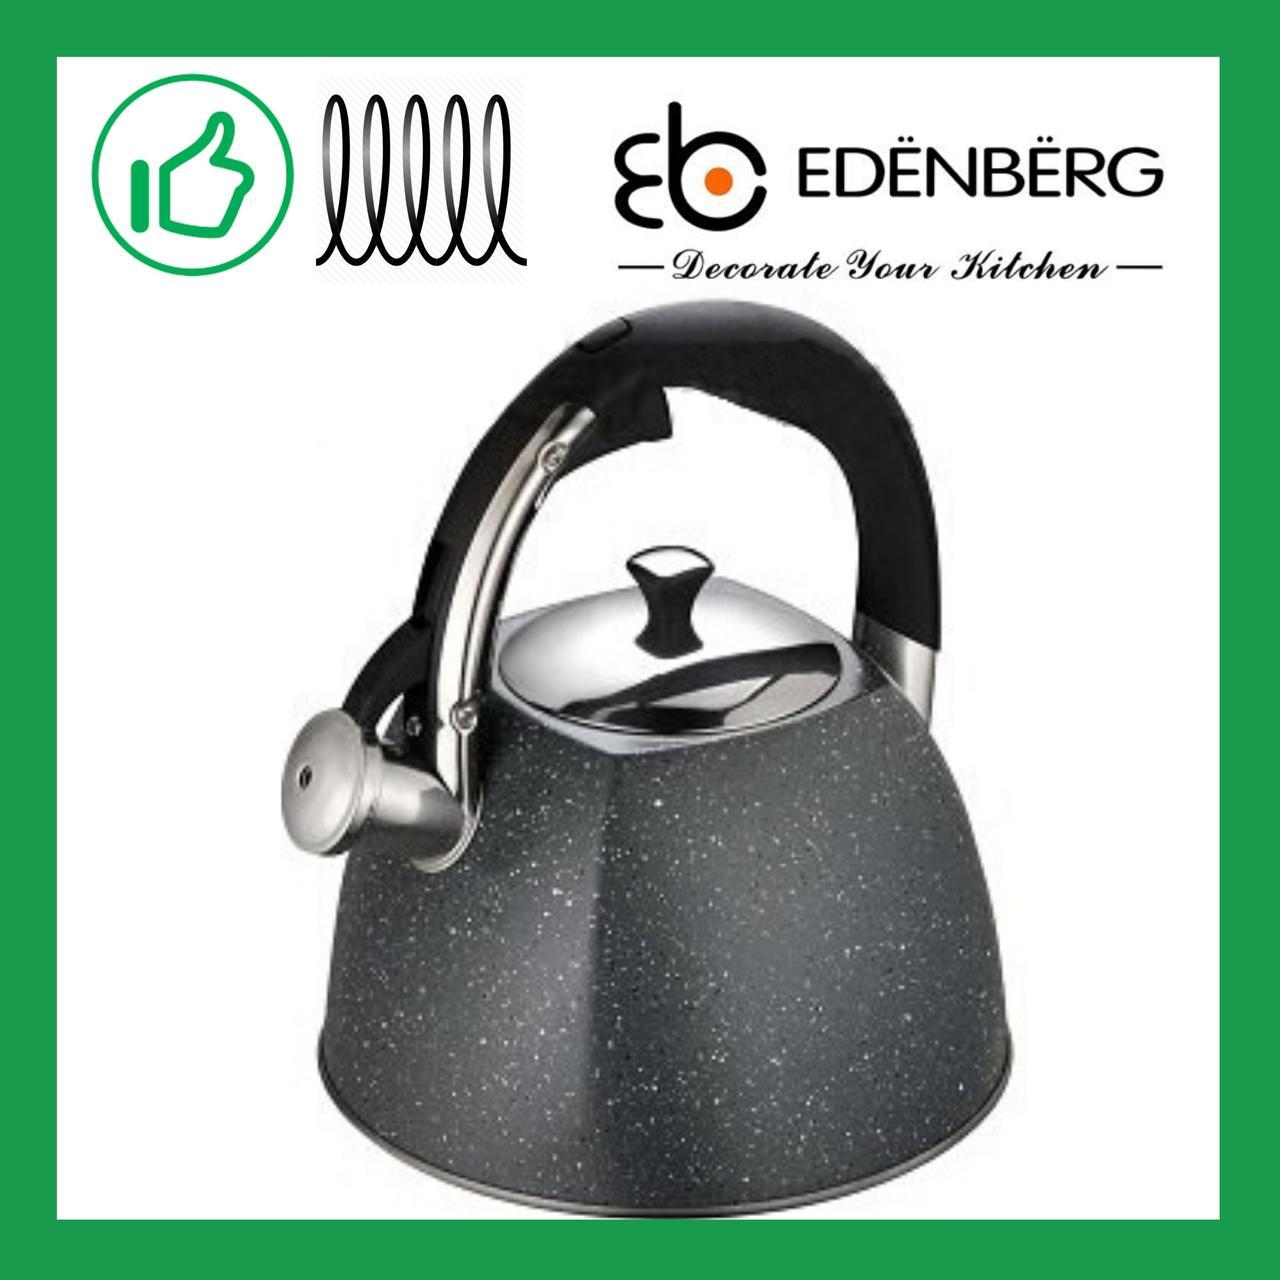 Чайник Edenberg из нержавеющей стали со свистком 3.0 л Серый (EB-3541GR)